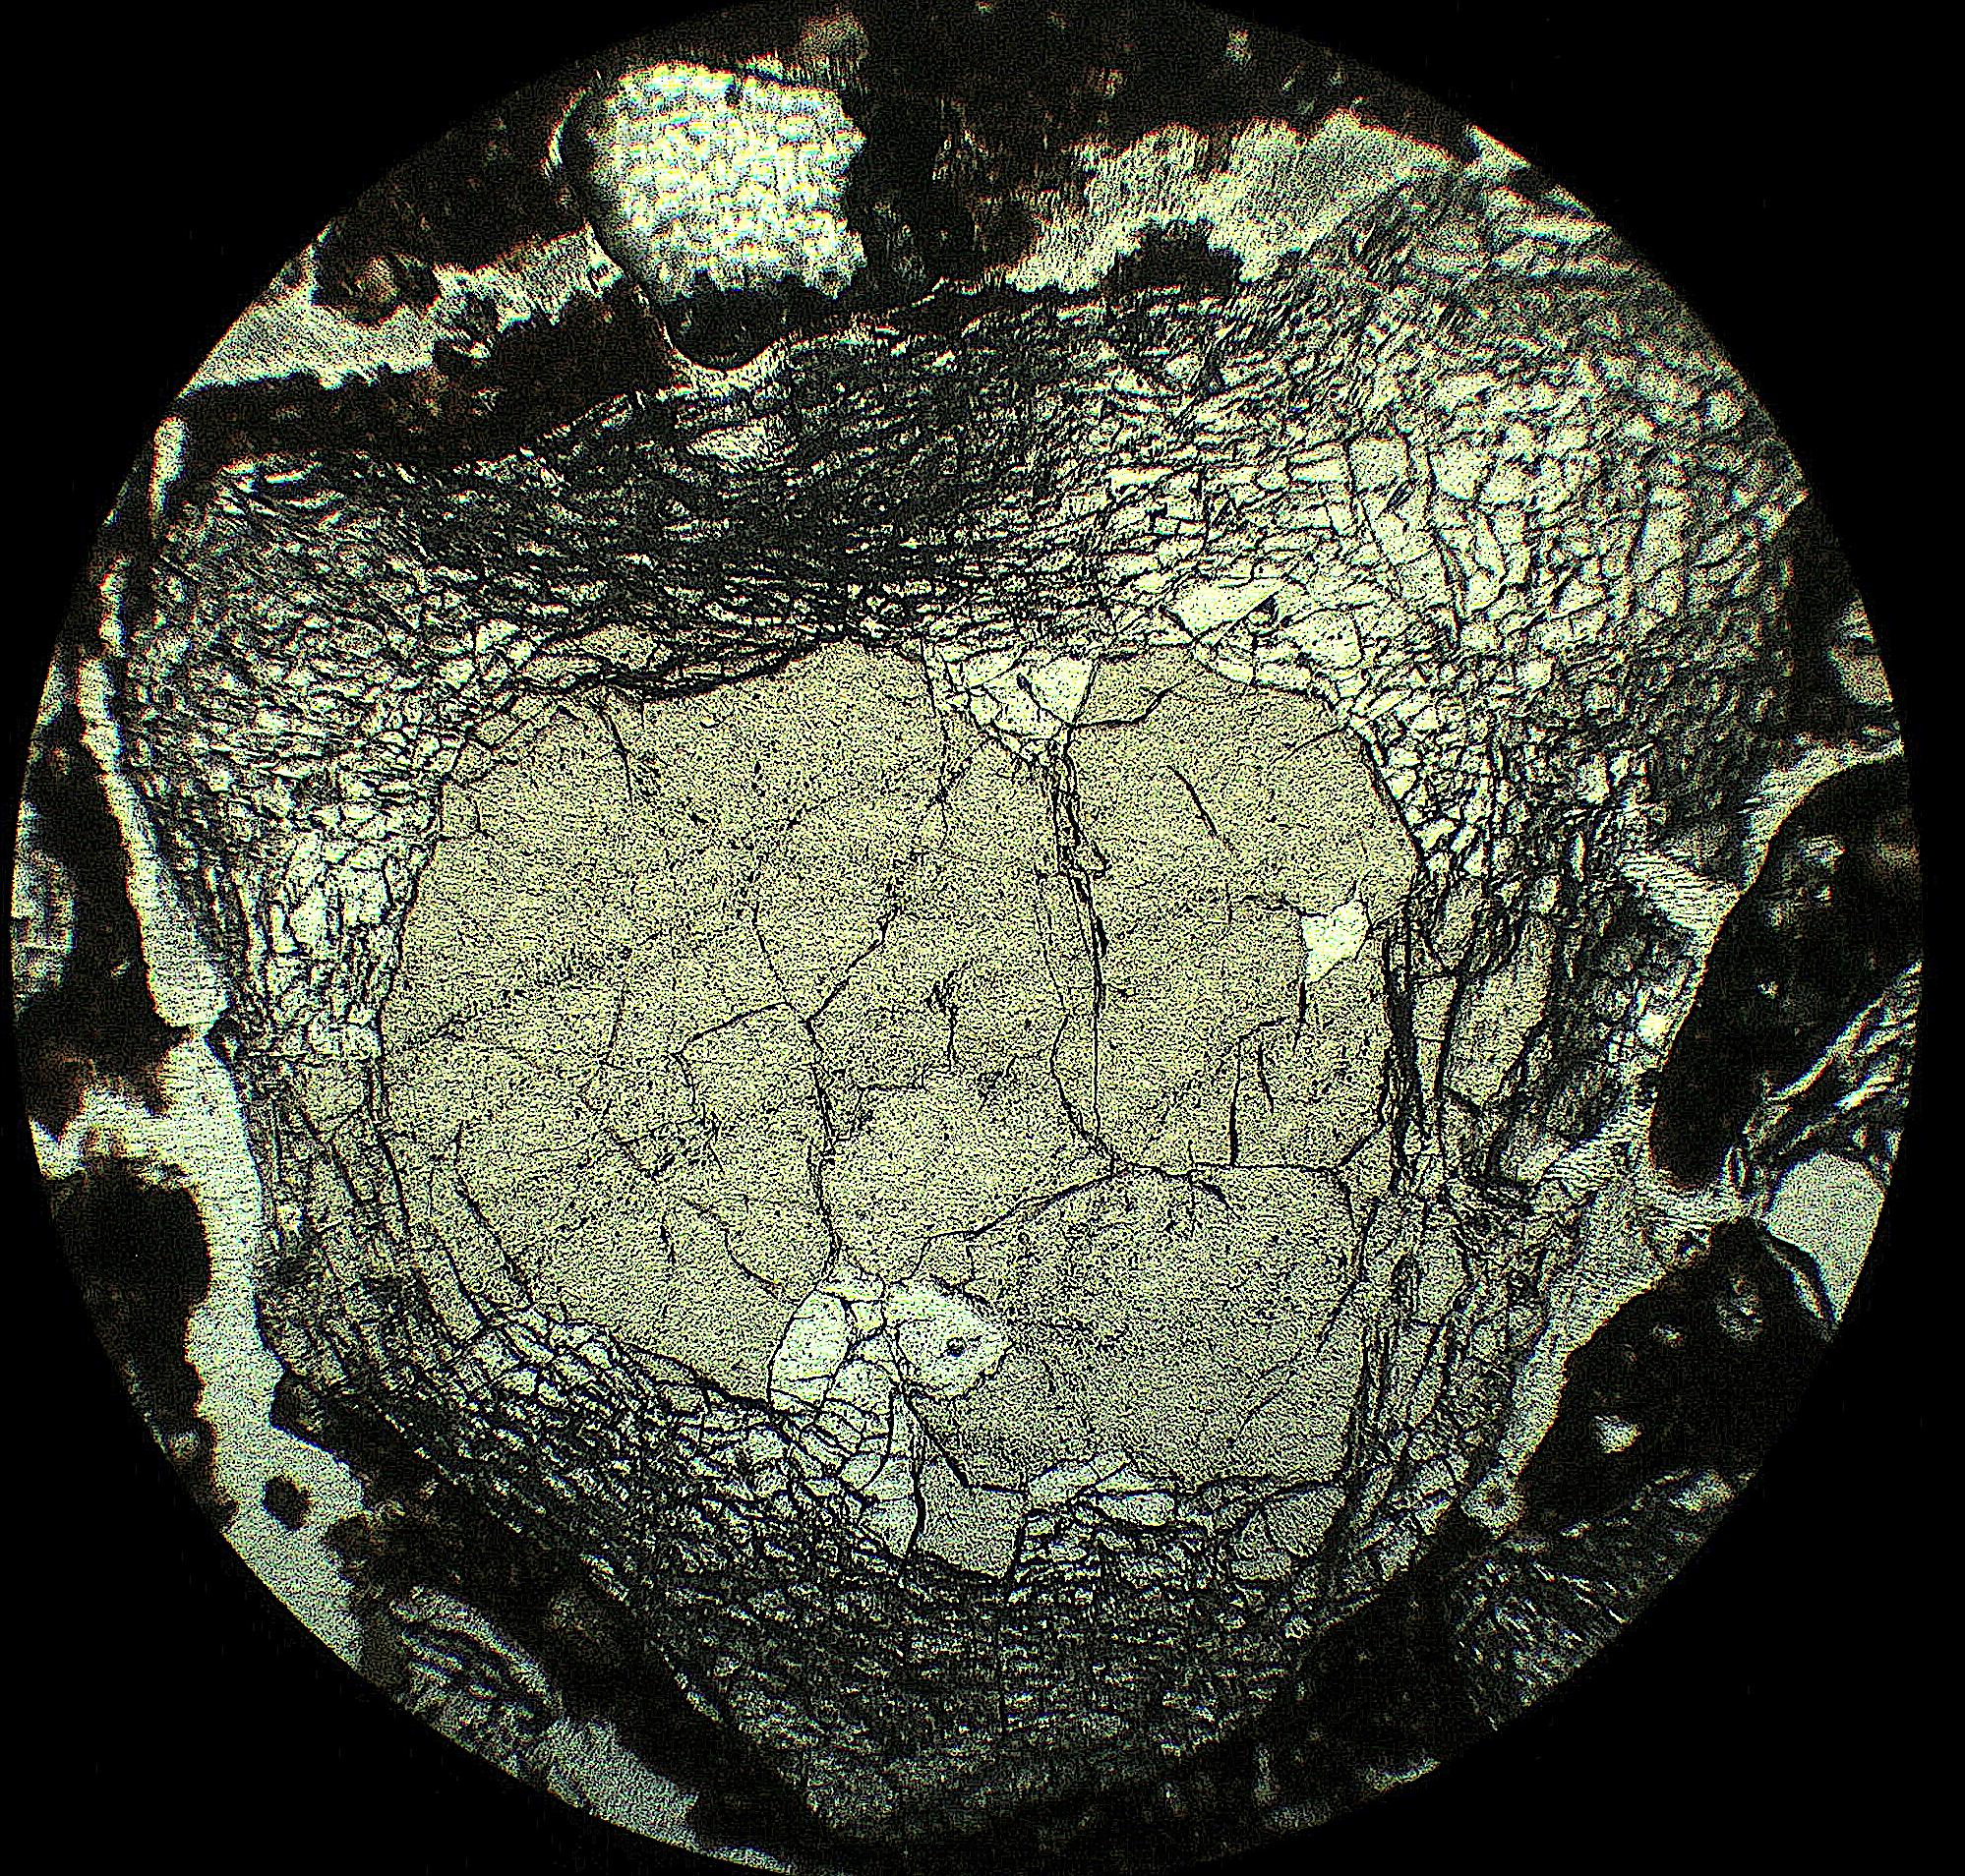 fracturas debidas al choque térmico en el cuarzo